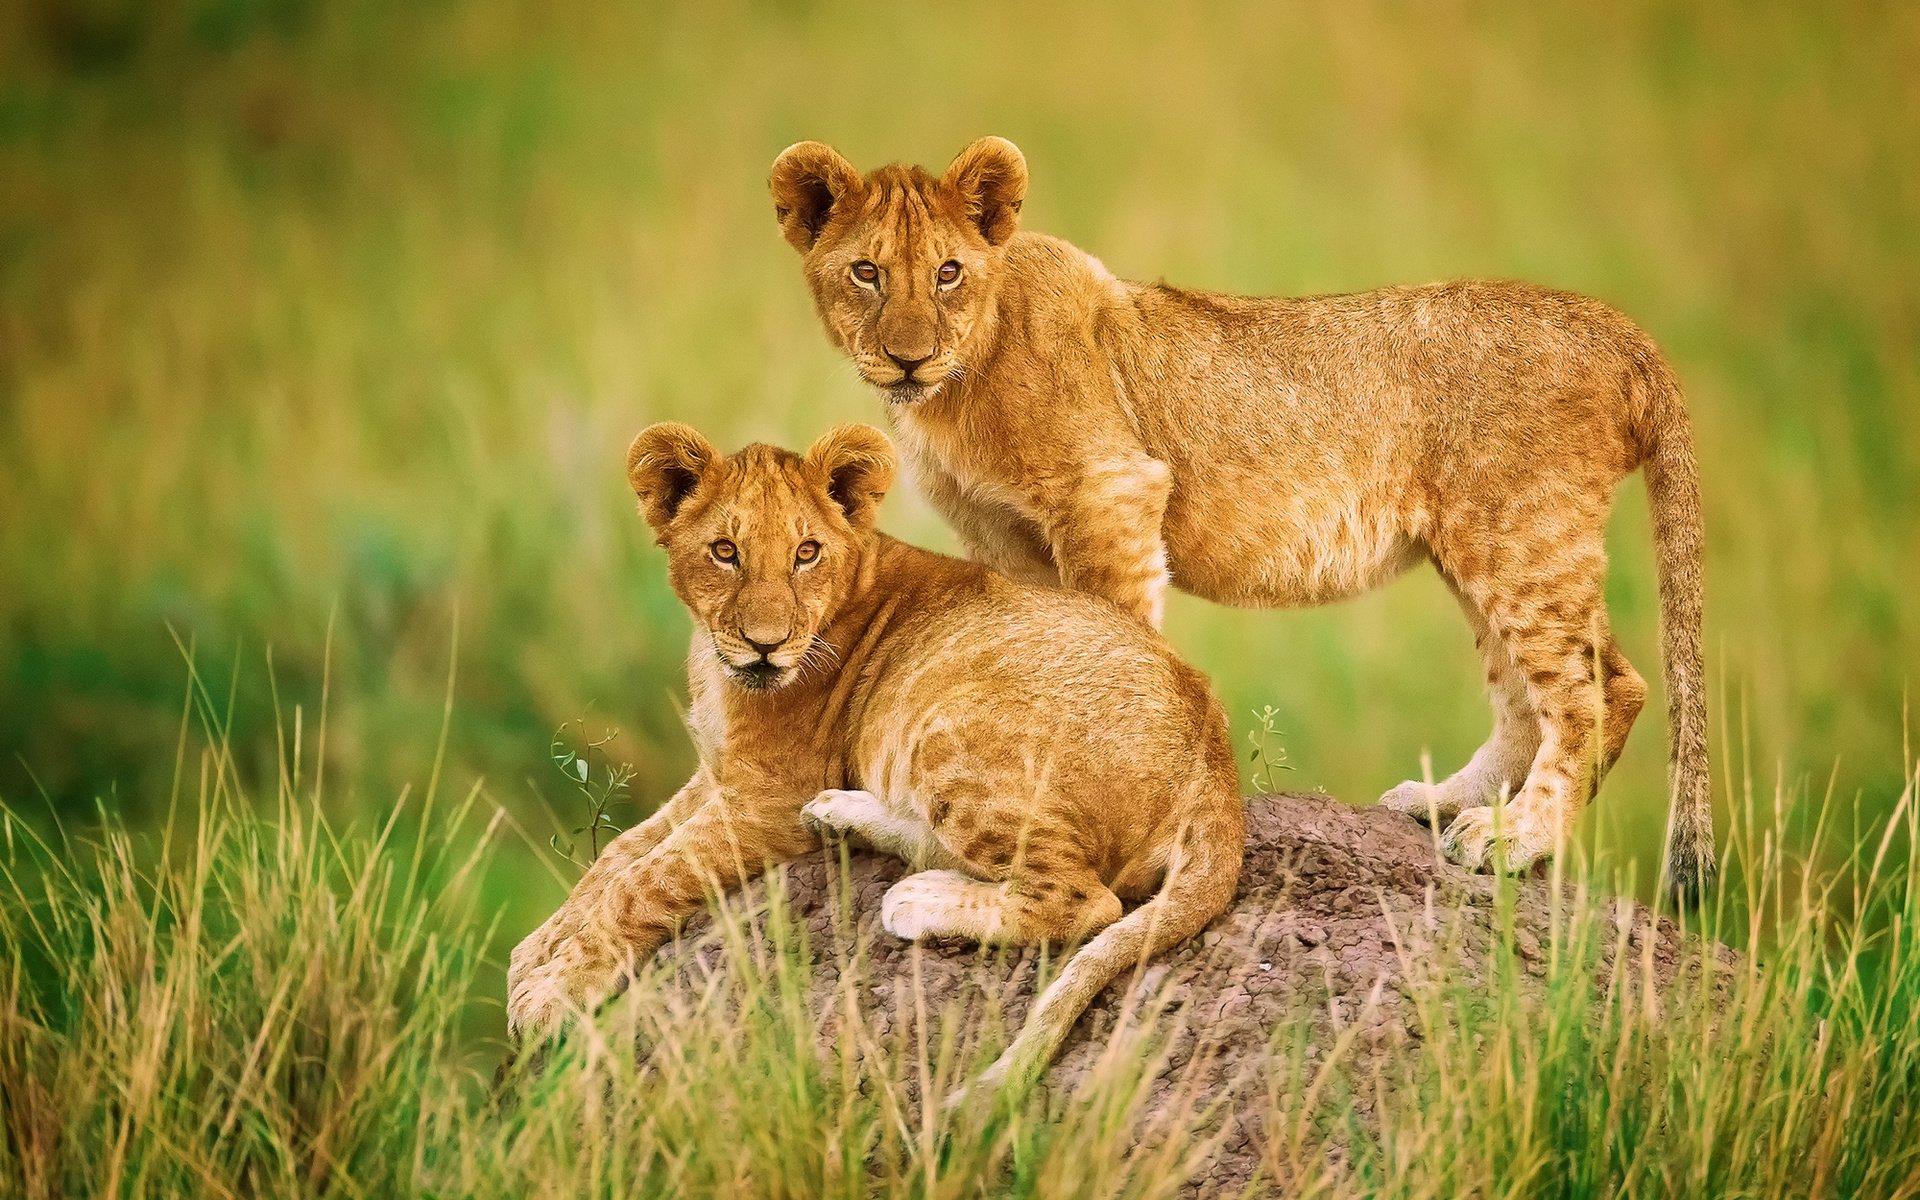 лев и львенок на траве бесплатно